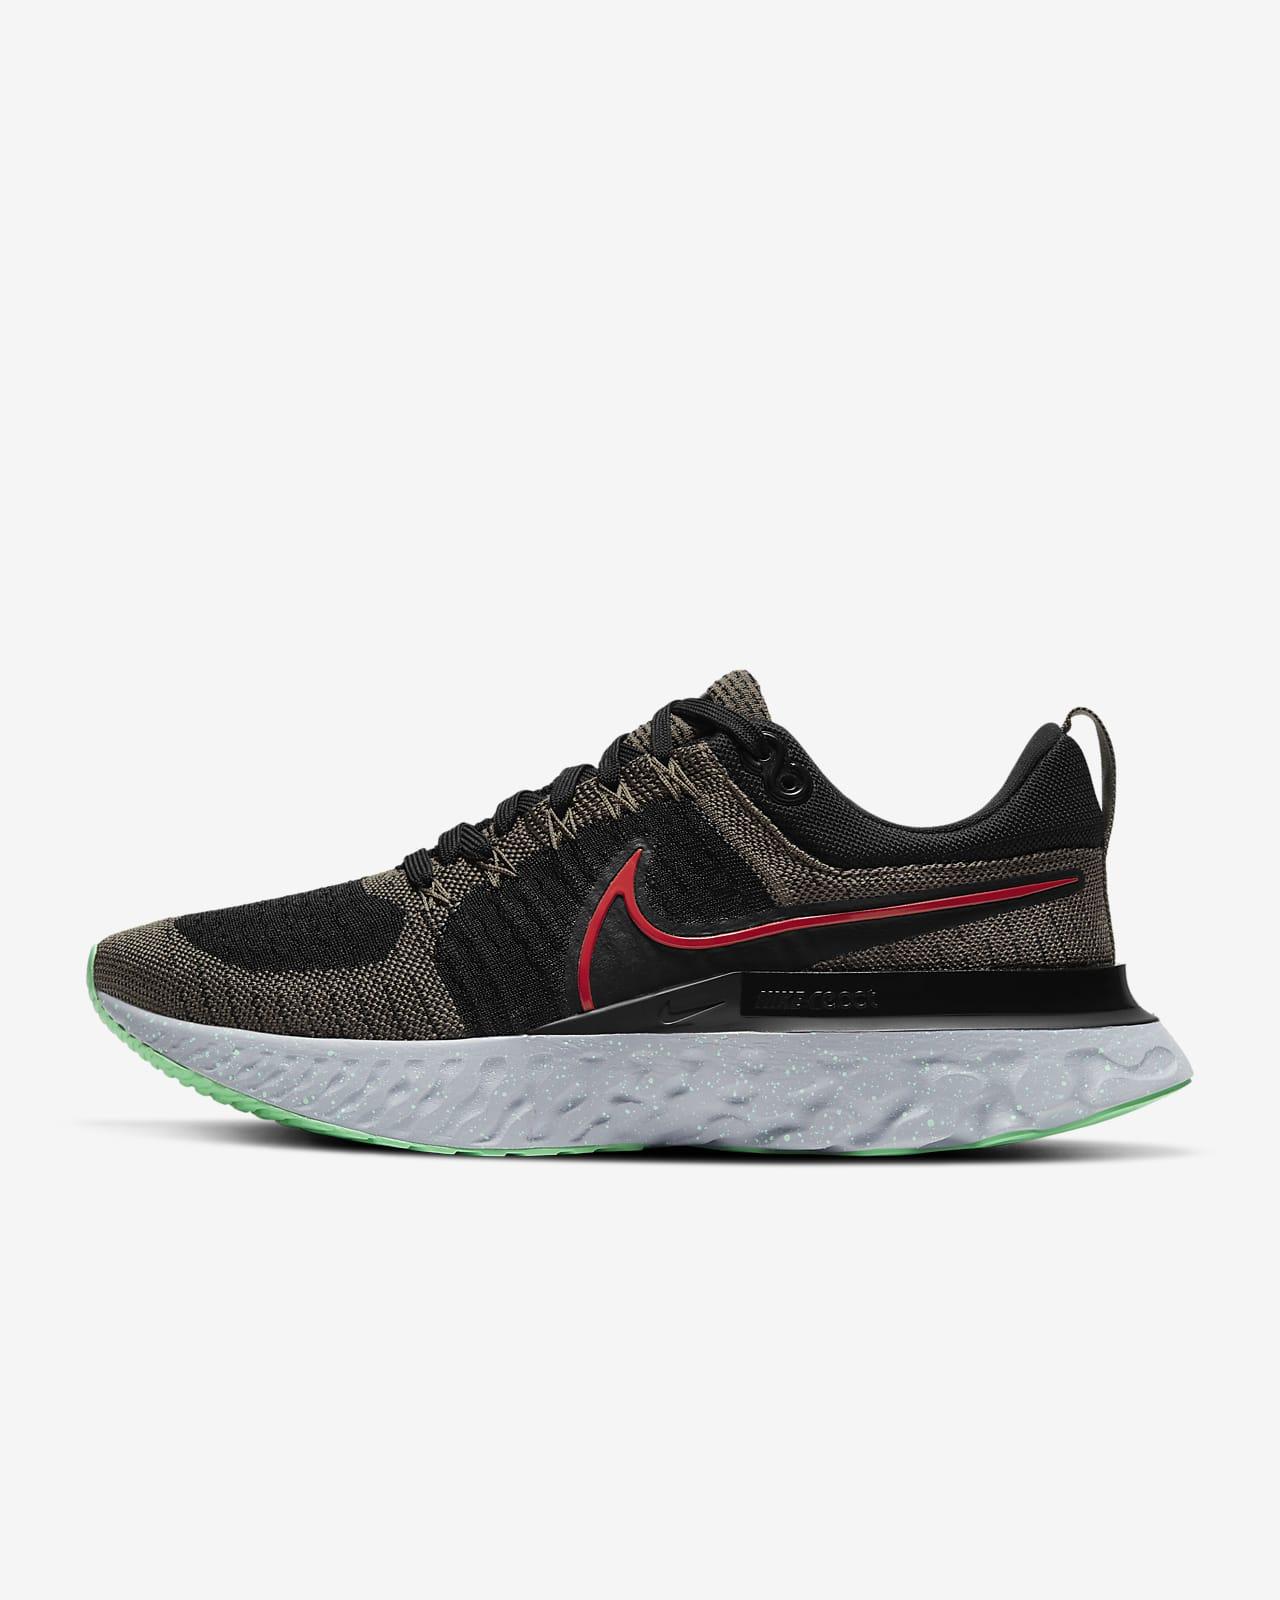 Nike React Infinity Run Flyknit 2 Hardloopschoen voor heren